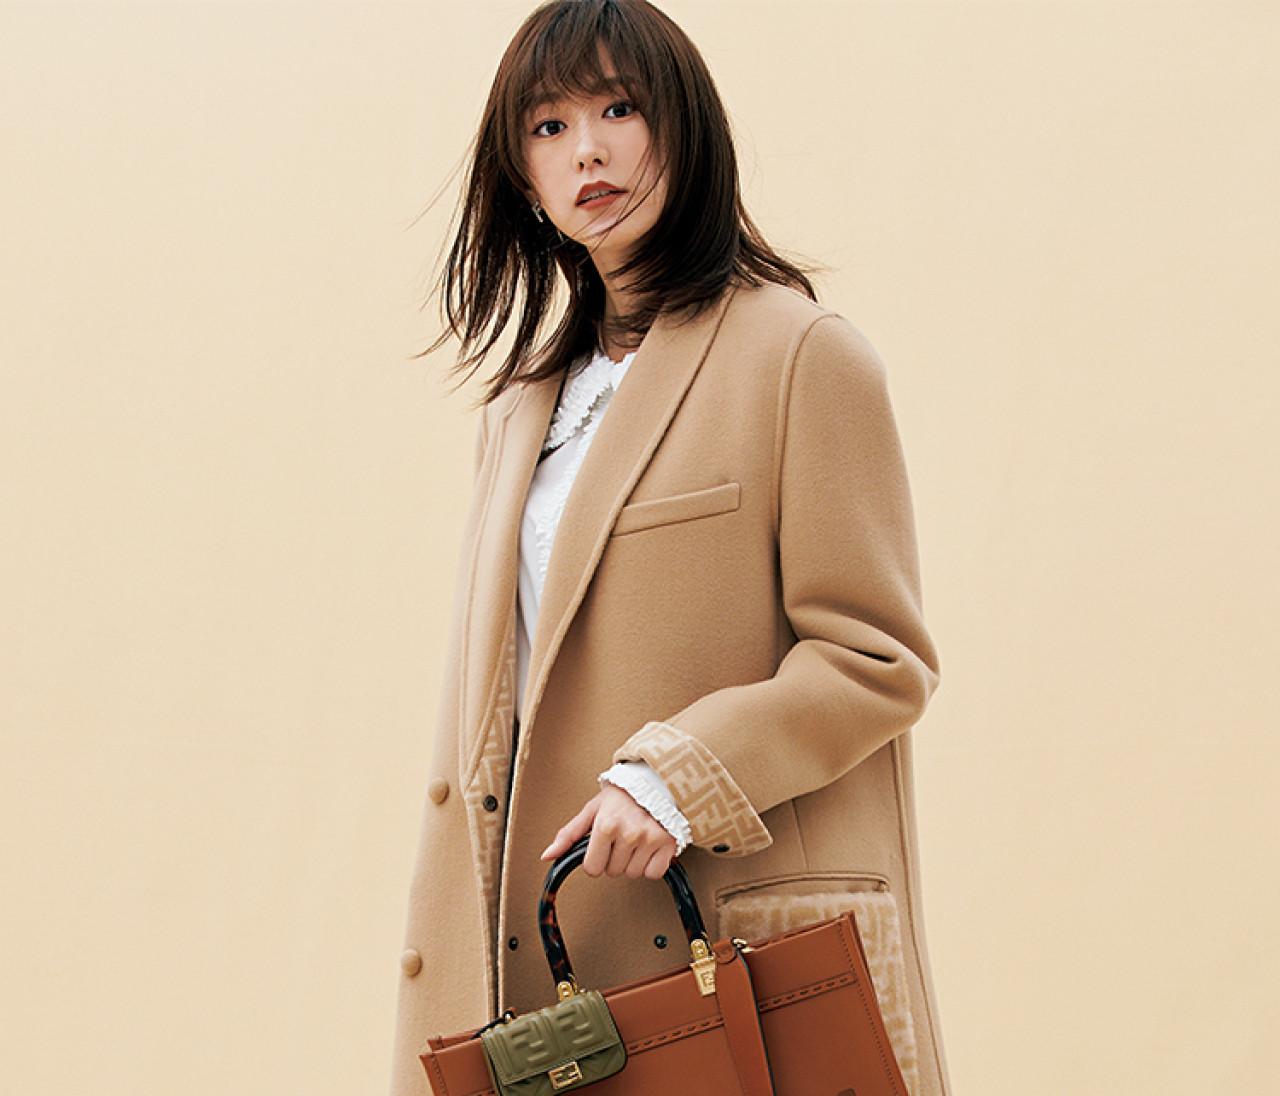 【桐谷美玲×フェンディの新作バッグ】ビッグトート&ナノ バゲットが働く30代にちょうどいい!